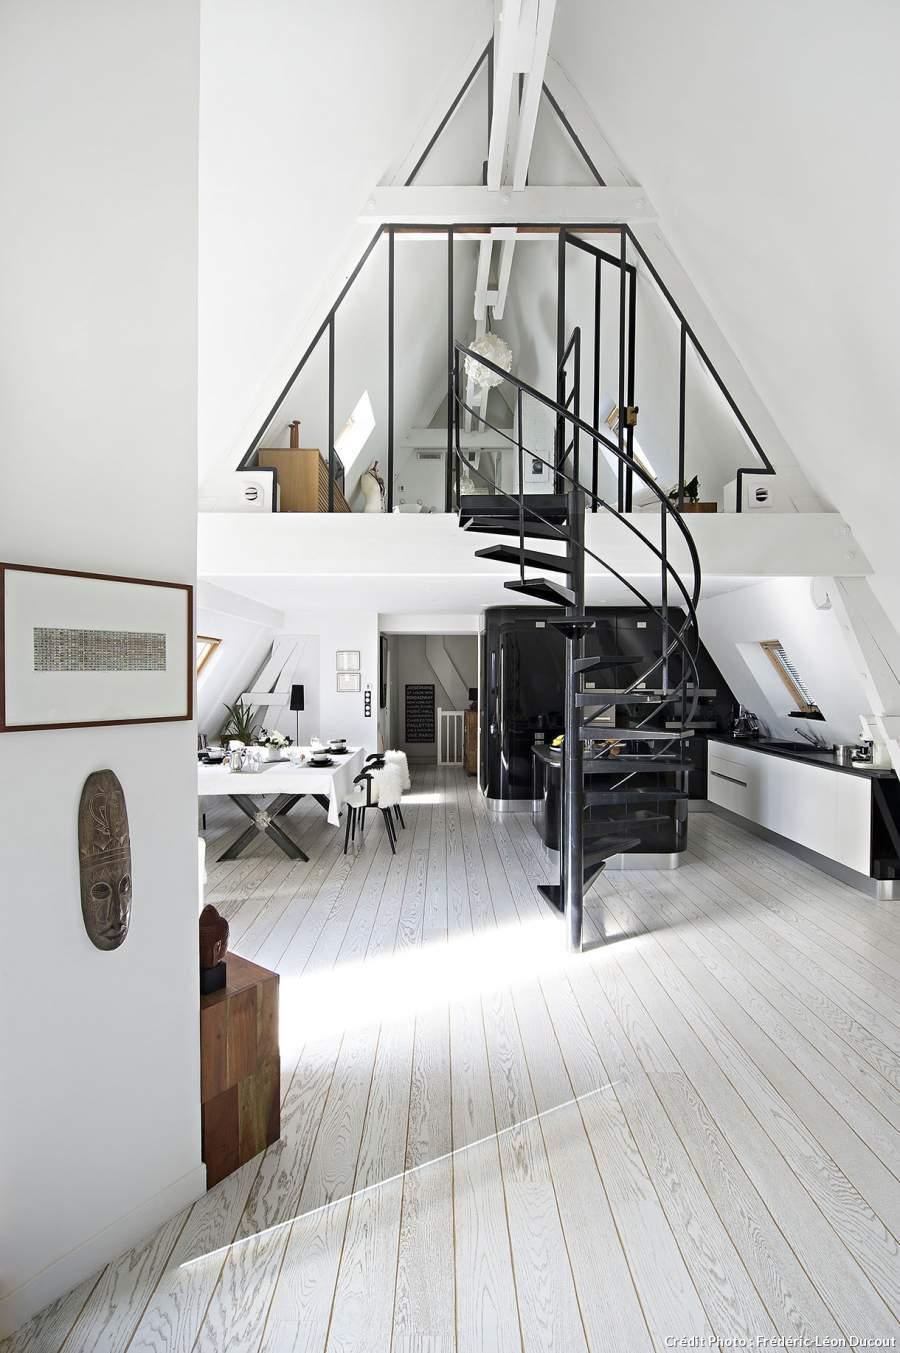 mezzanine-sous-les-toits-gain-de-place-chic-et-pratique